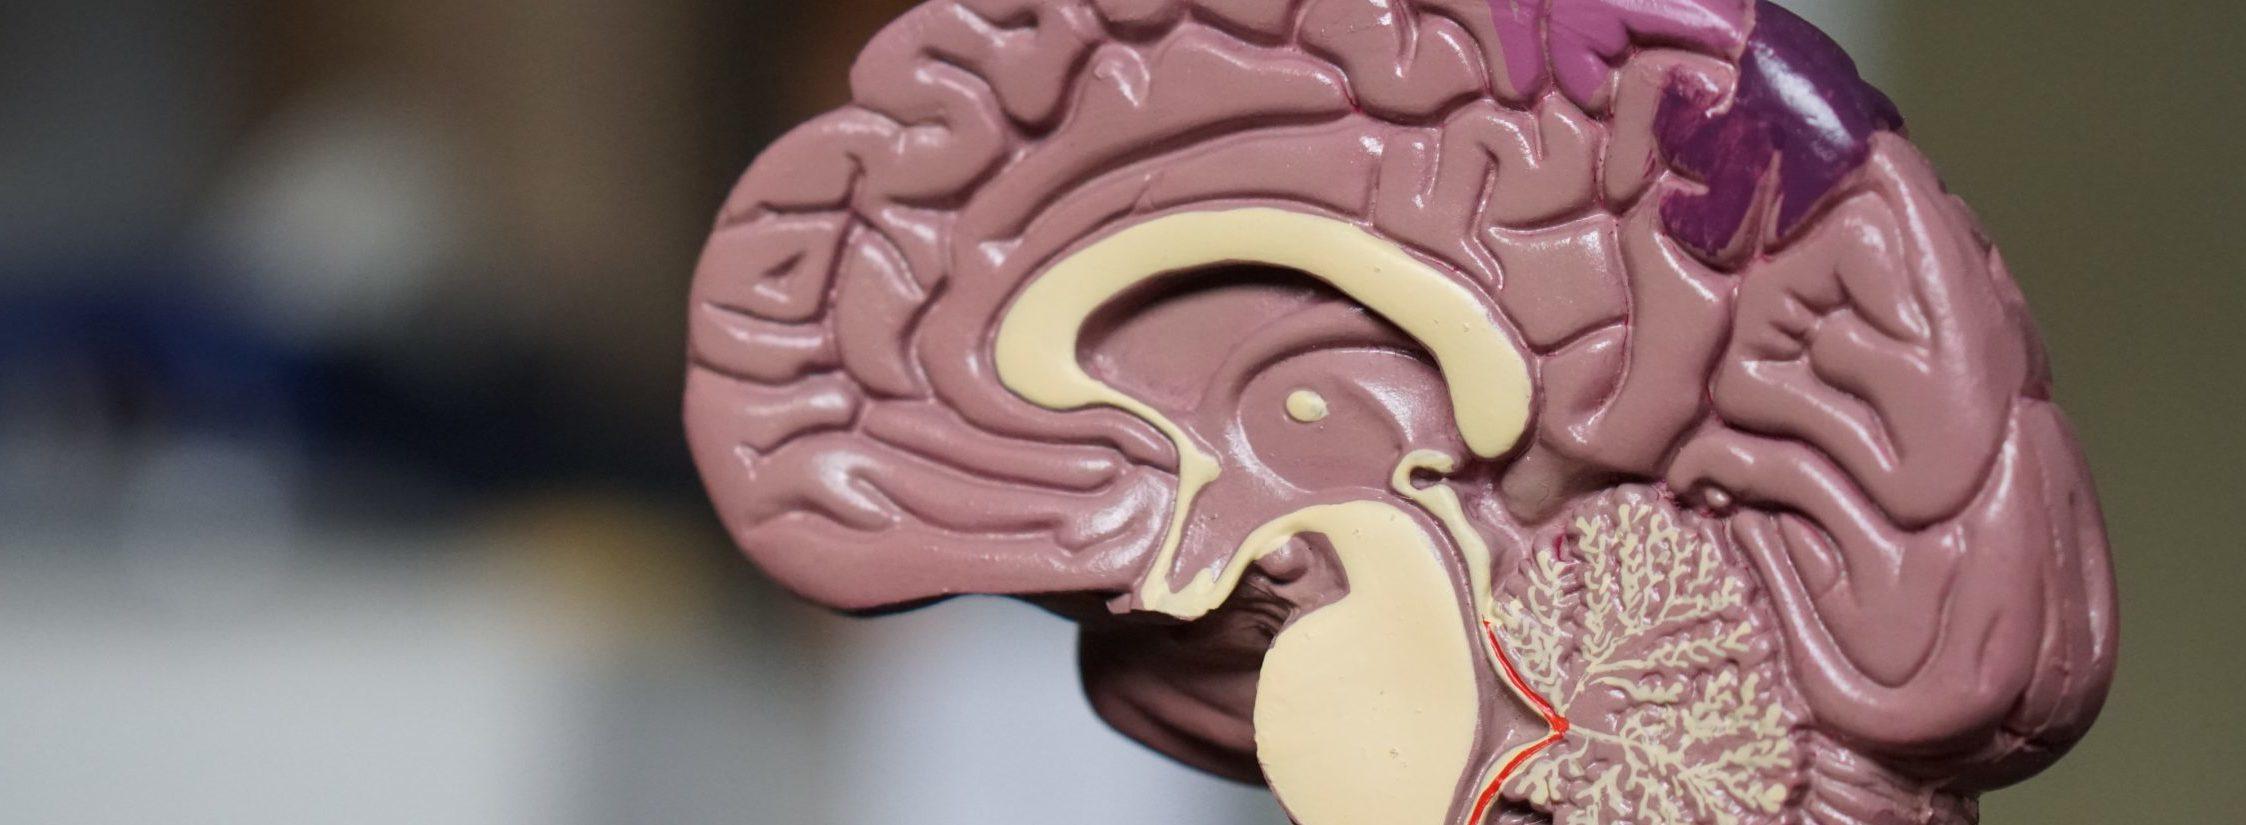 mózg w przekroju